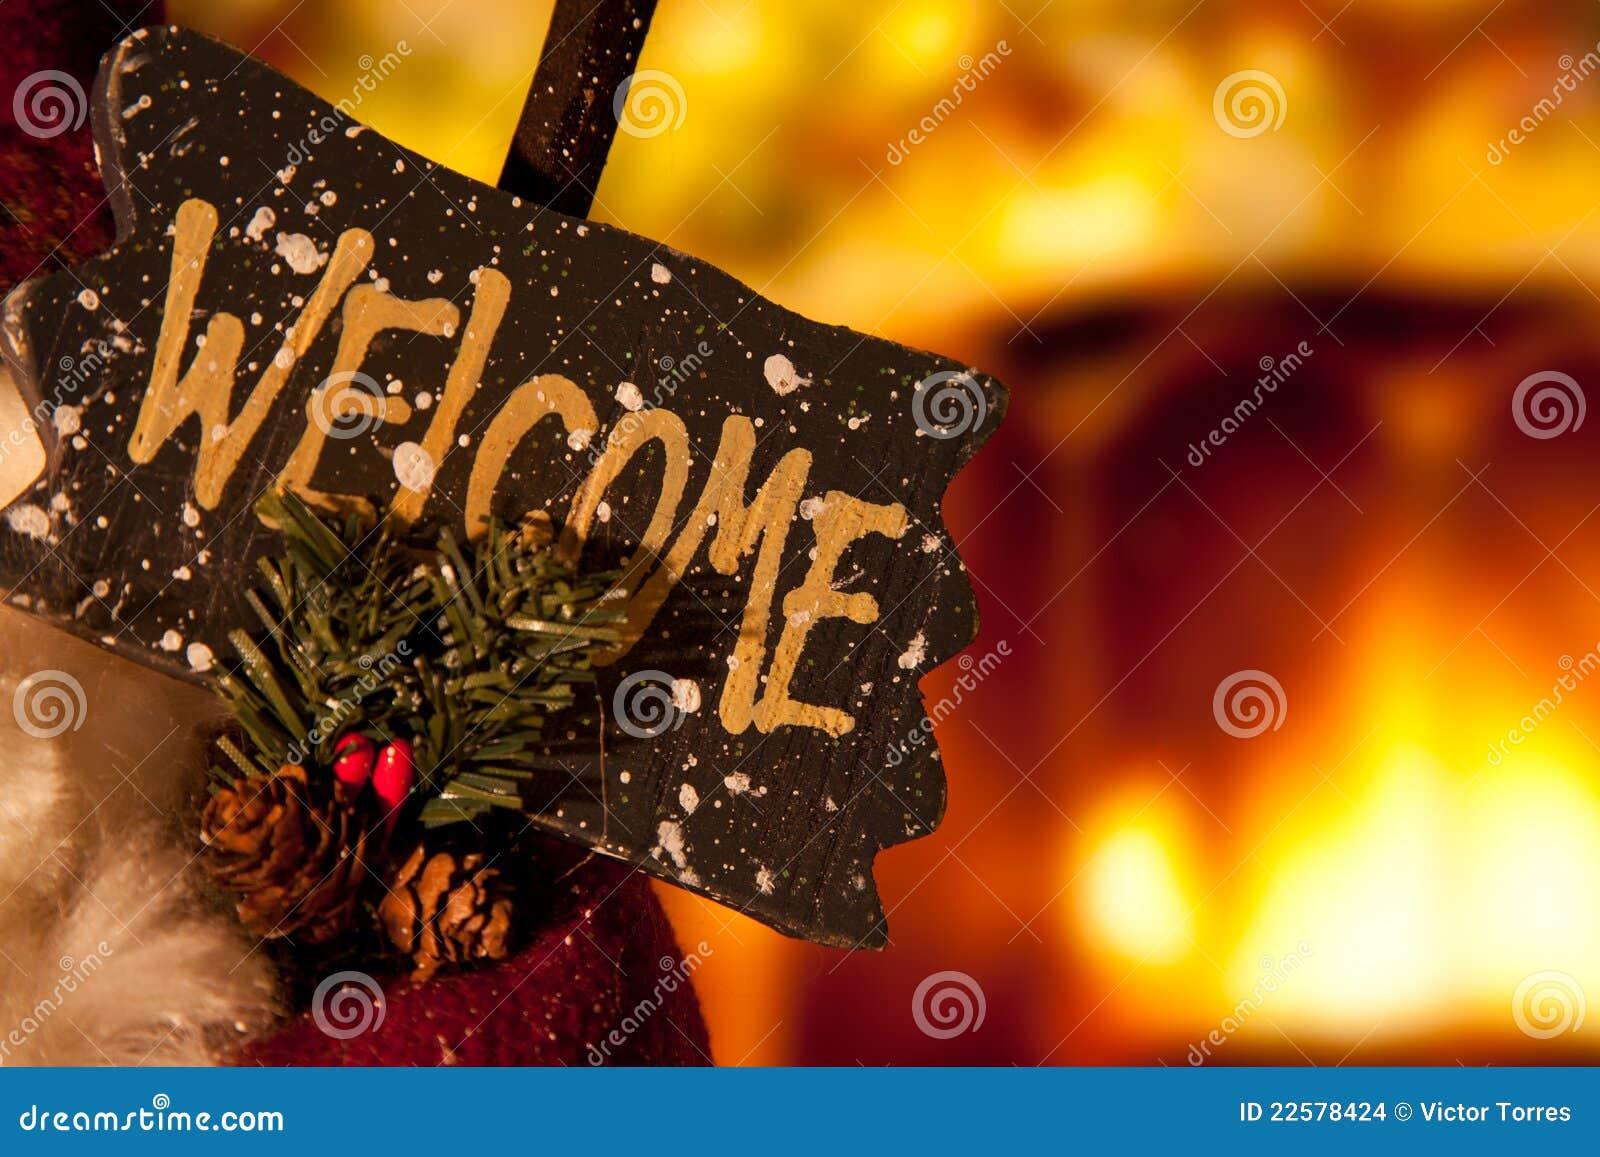 Welcome Christmas.Christmas Welcome Sign Stock Photo Image Of Christmas